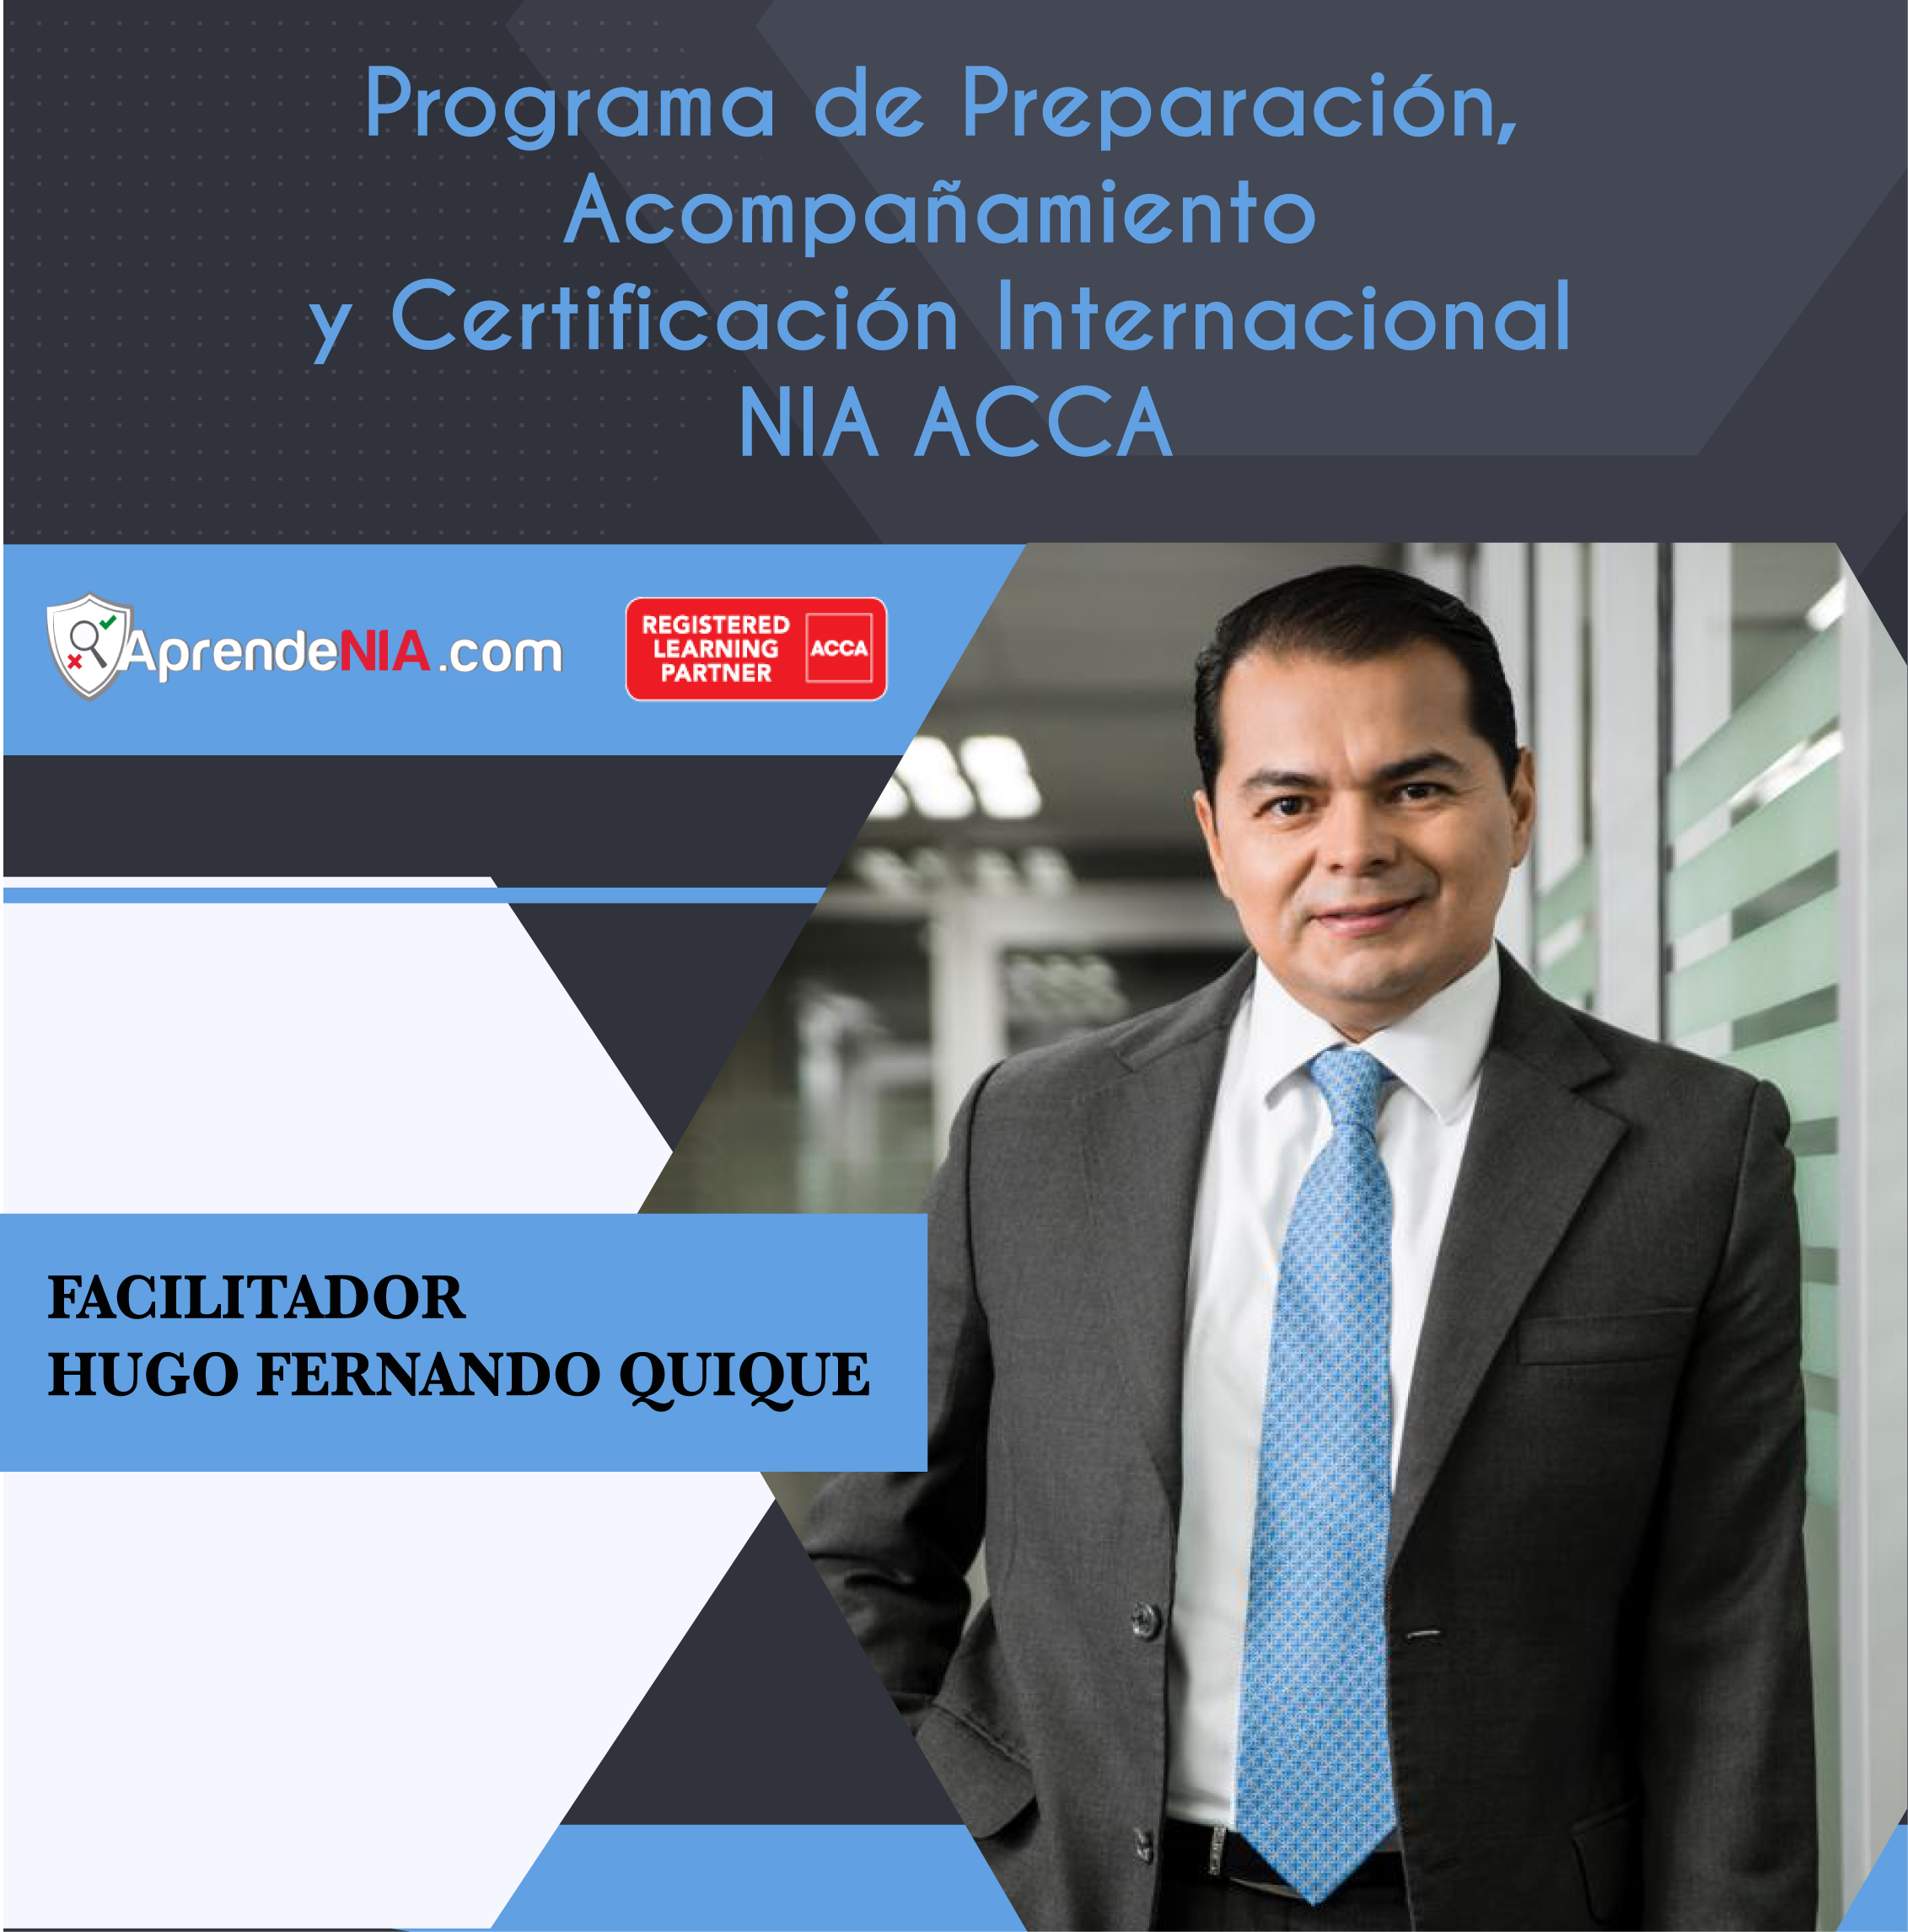 Programa de Preparación, Acompañamiento y Certificación Internacional NIA ACCA